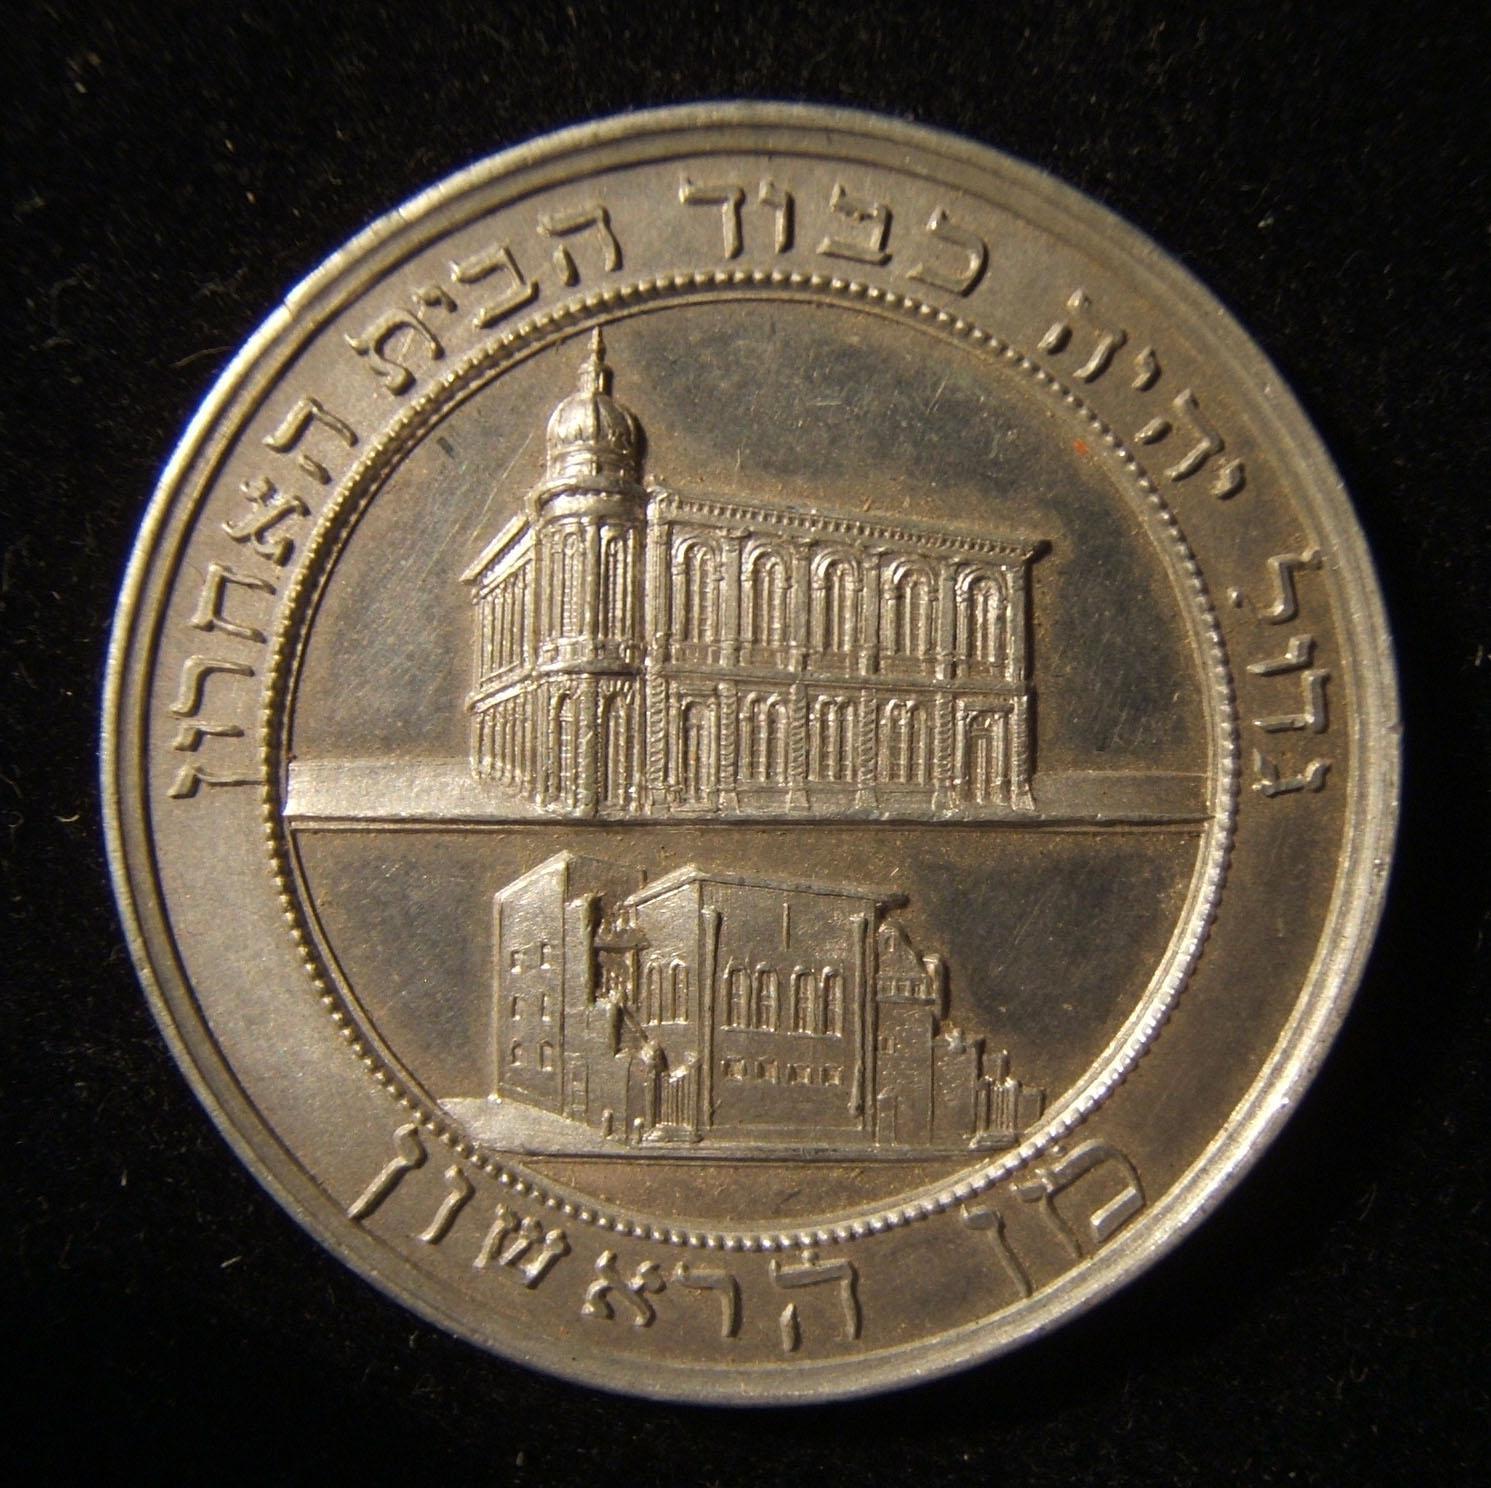 Deutschland: Börneplatz Synagoge (Frankfurt) Erweiterungsmedaille, Aluminum, 1901